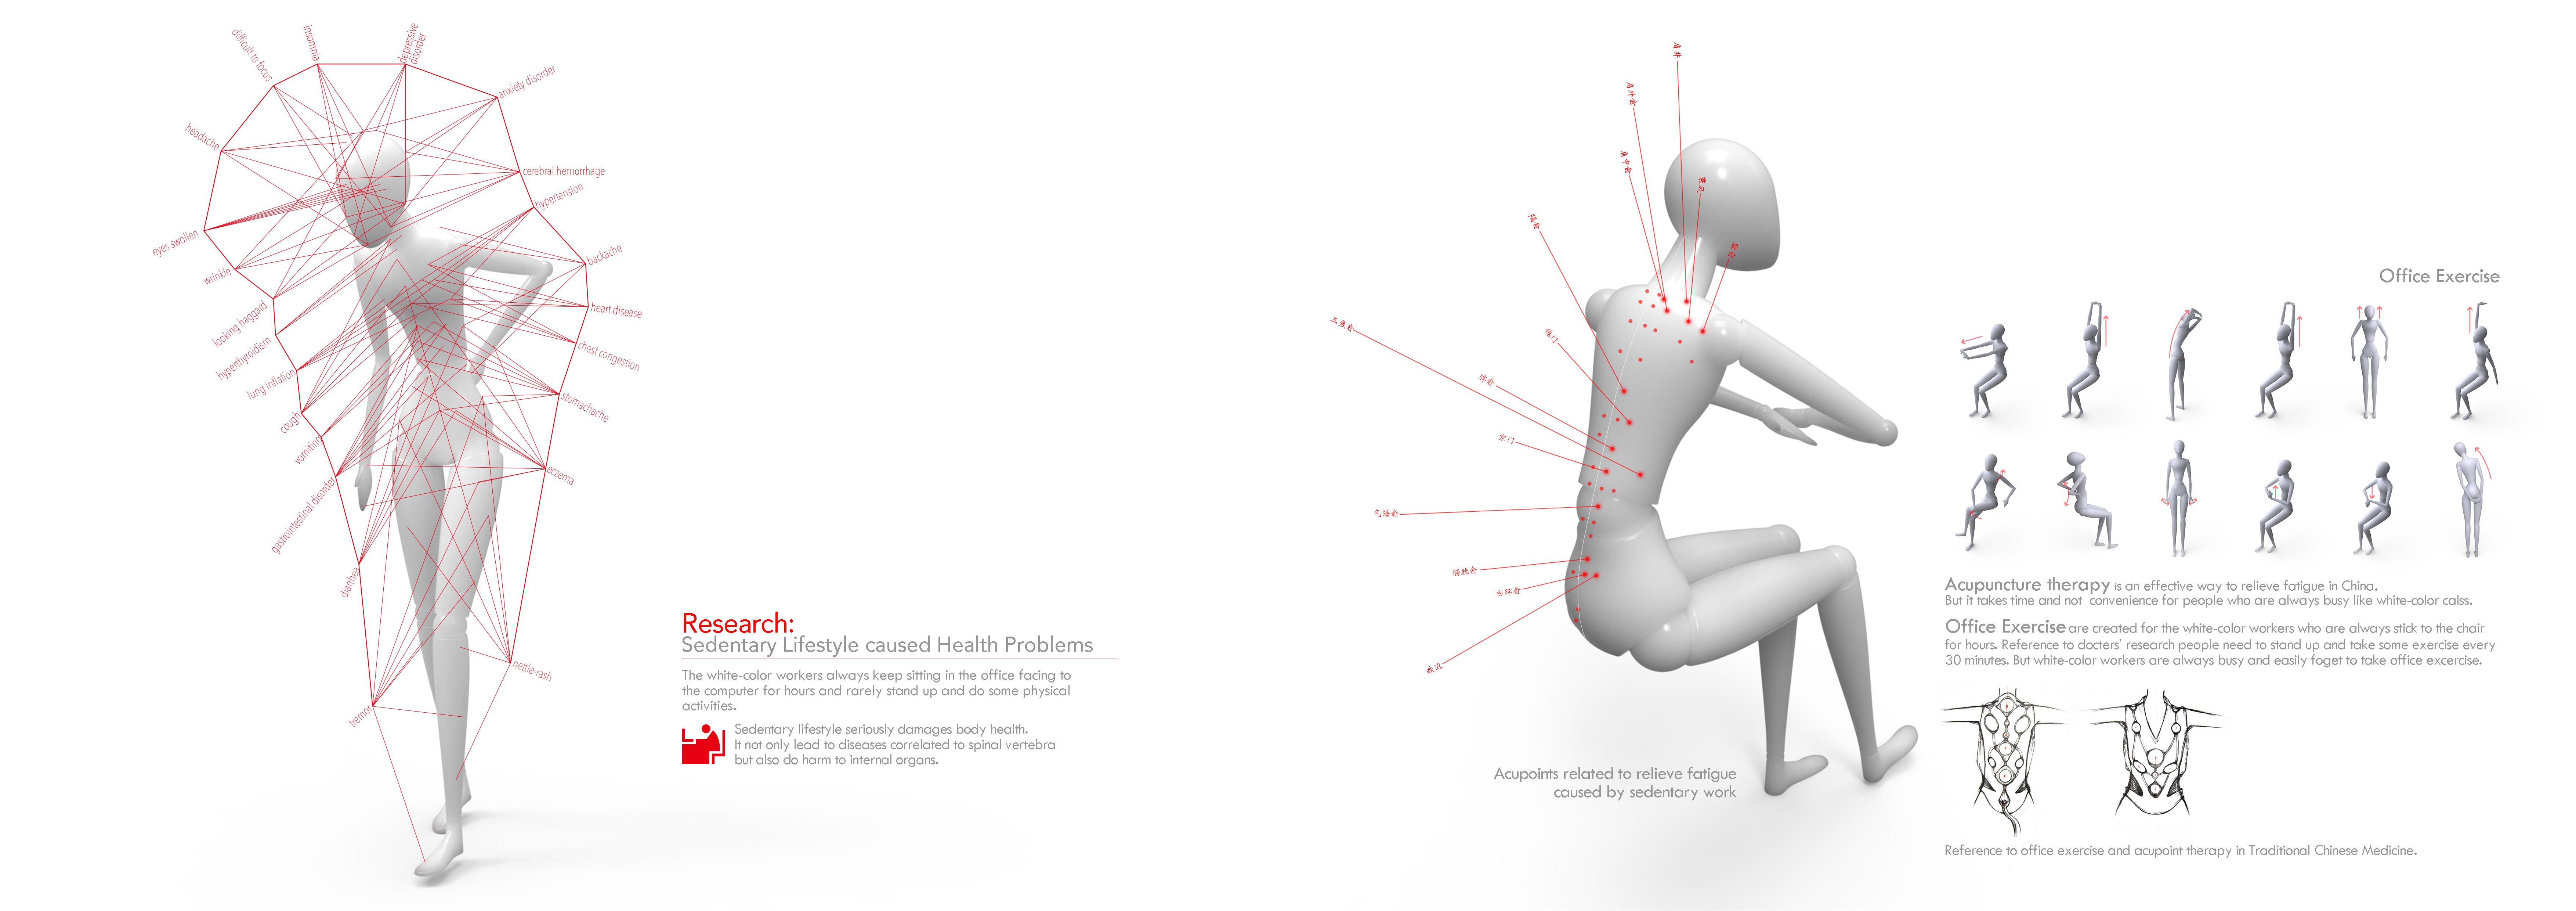 Design project ideas?!!!?